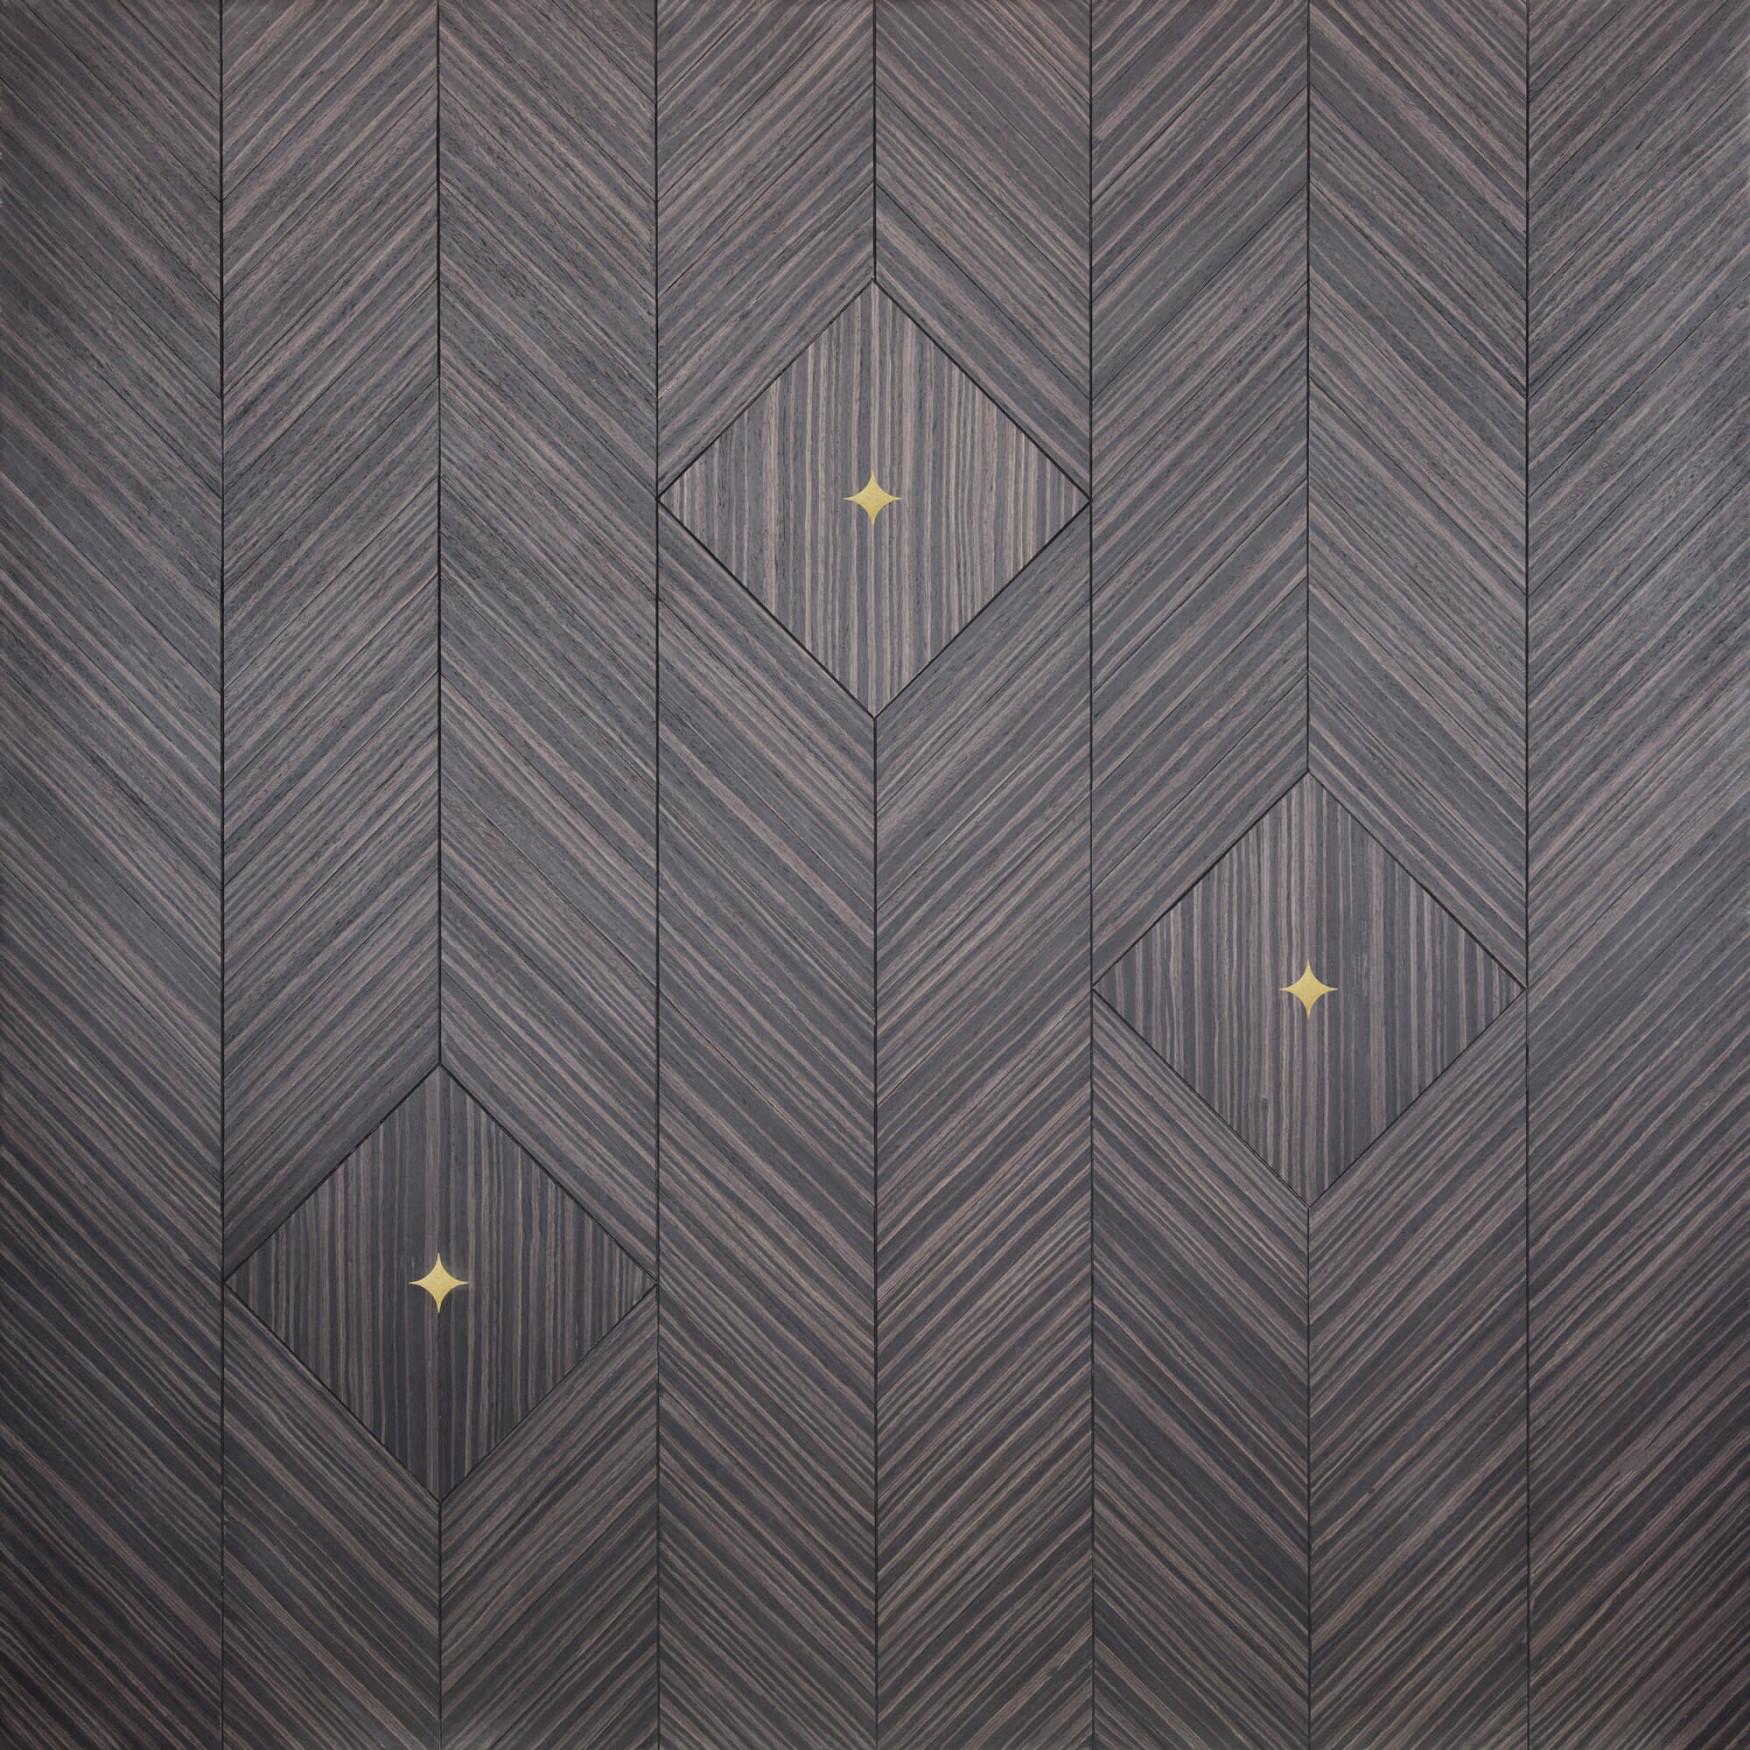 Element7-Bespoke-Floors-New_Florence-stars